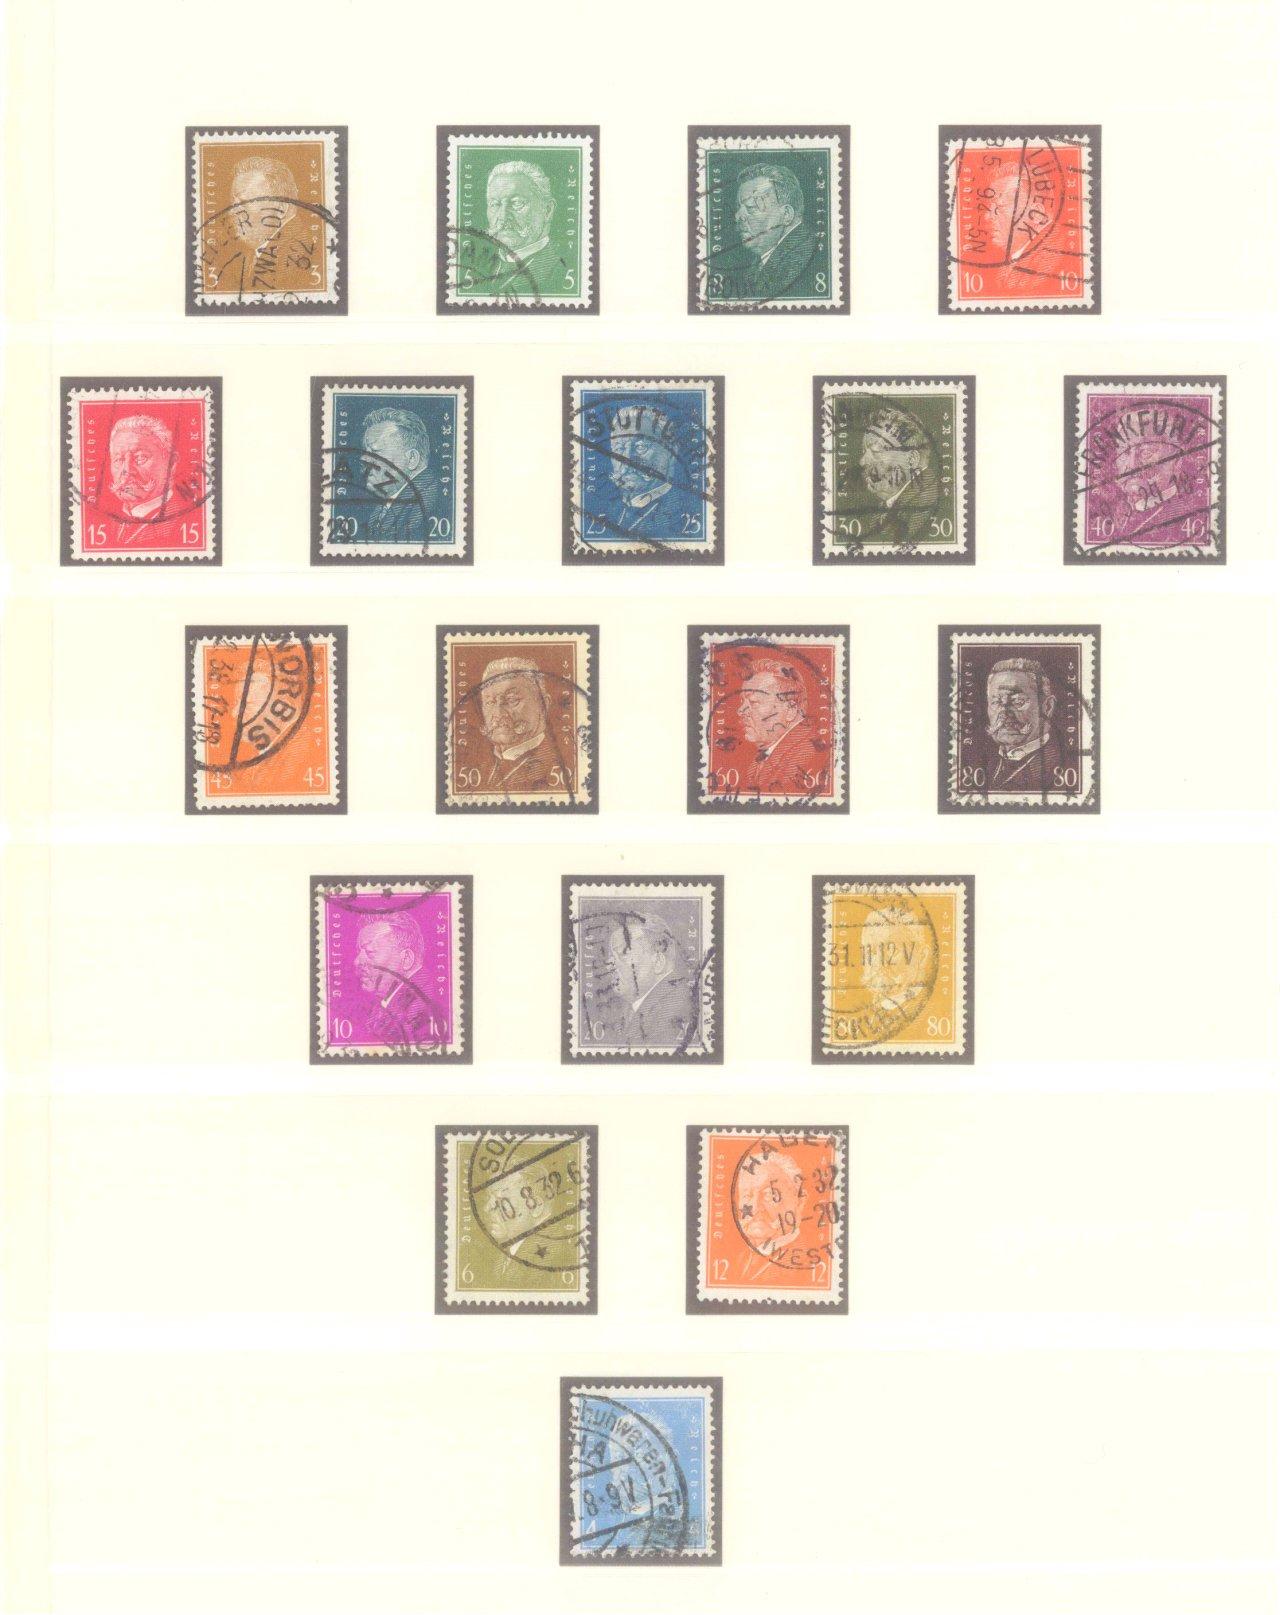 DEUTSCHES REICH – WEIMARER REPUBLIK 1923-1933-7